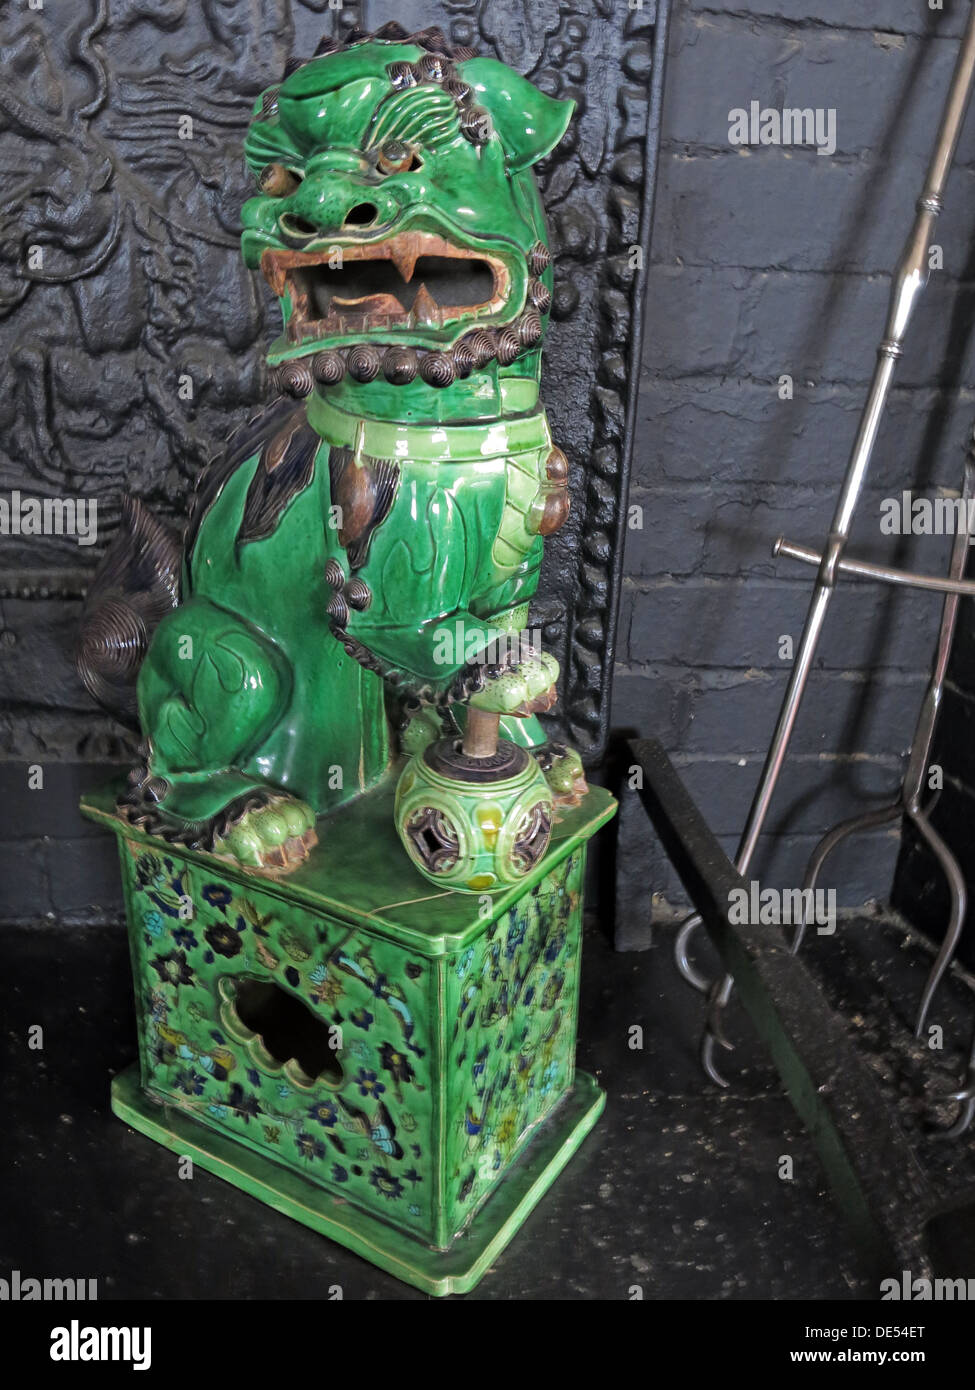 Laden Sie dieses Alamy Stockfoto Grüner chinesischer Drache, Montecute House, South Somerset, England, UK TA15 6XD - DE54ET